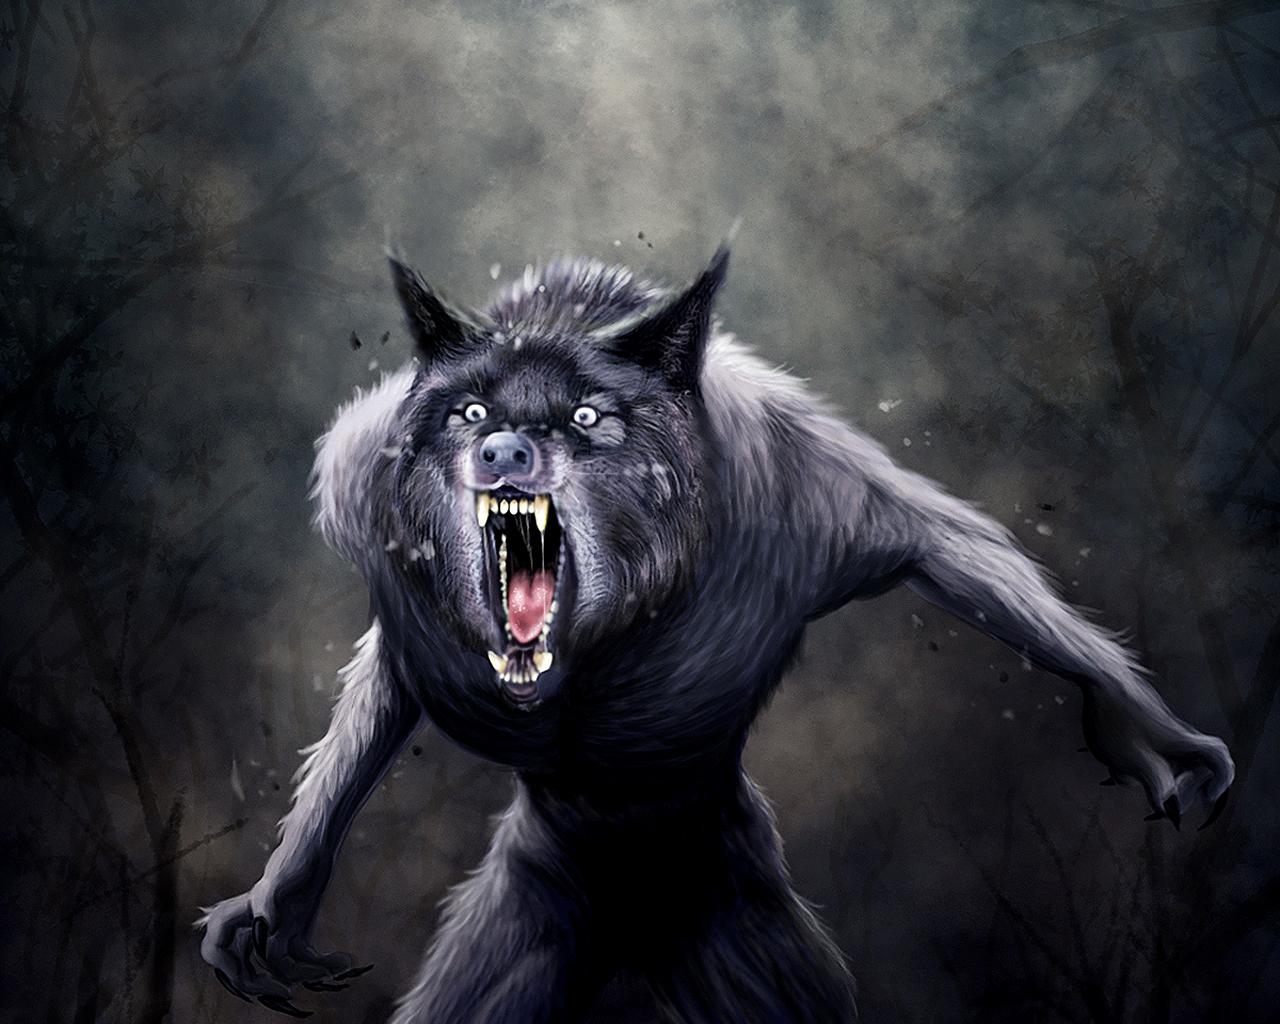 Werewolf Wallpaper 1280x1024 Werewolf 1280x1024